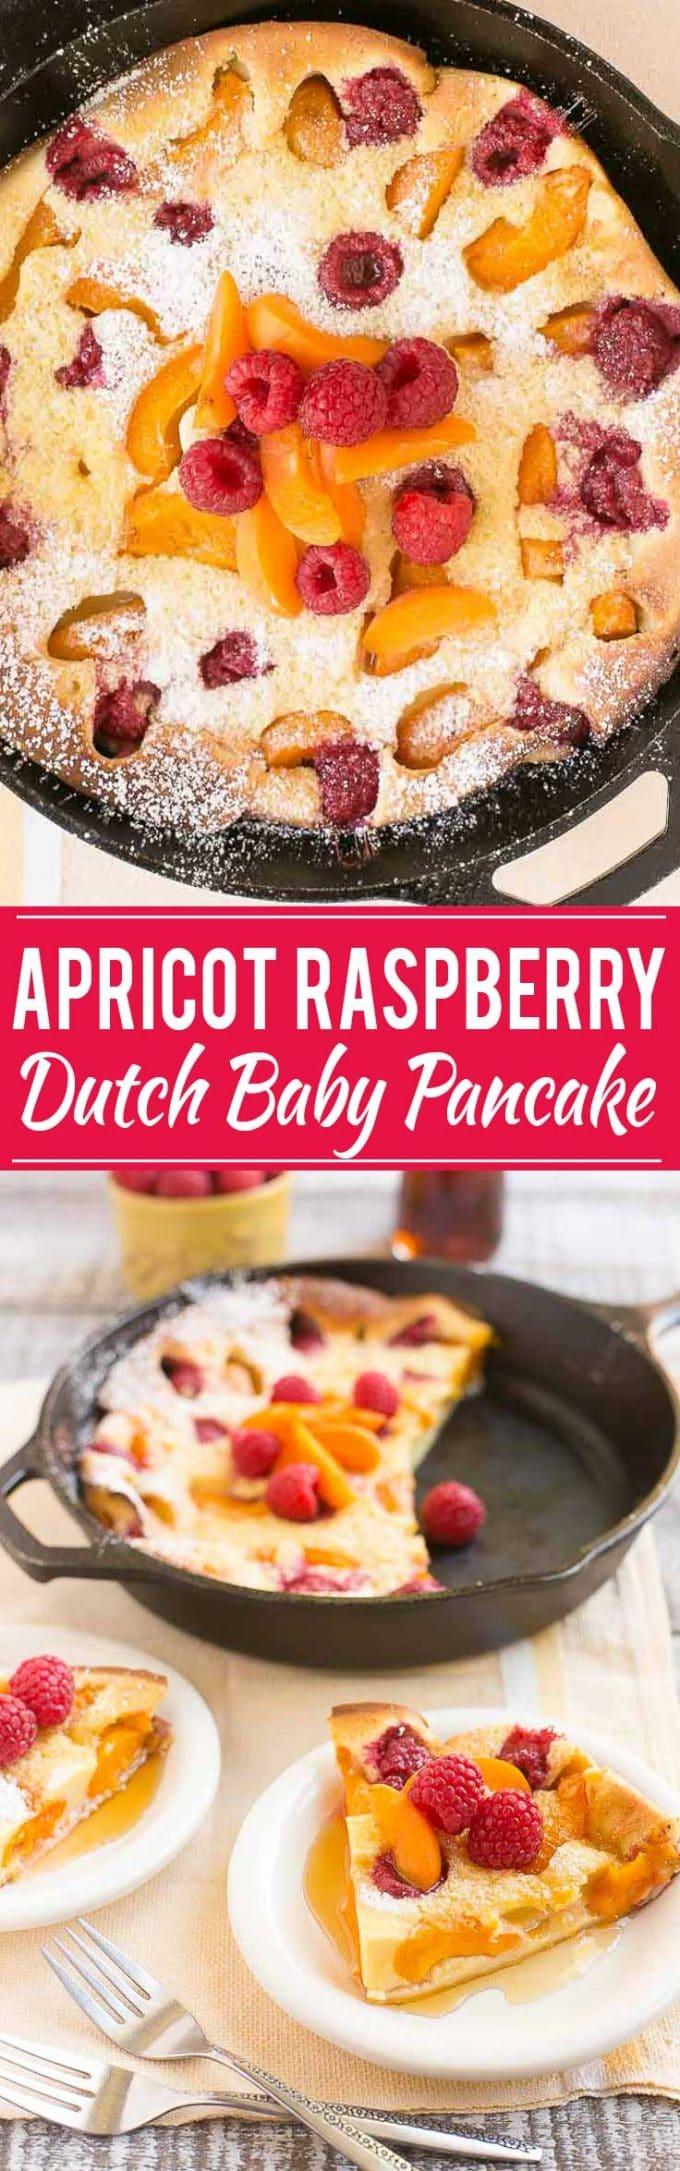 Apricot Raspberry Dutch Baby Pancake Recipe | Easy Dutch Baby Pancake | Best Dutch Baby Pancake | Giant Oven Pancake | Easy Oven Pancake | Apricot Raspberry Pancake